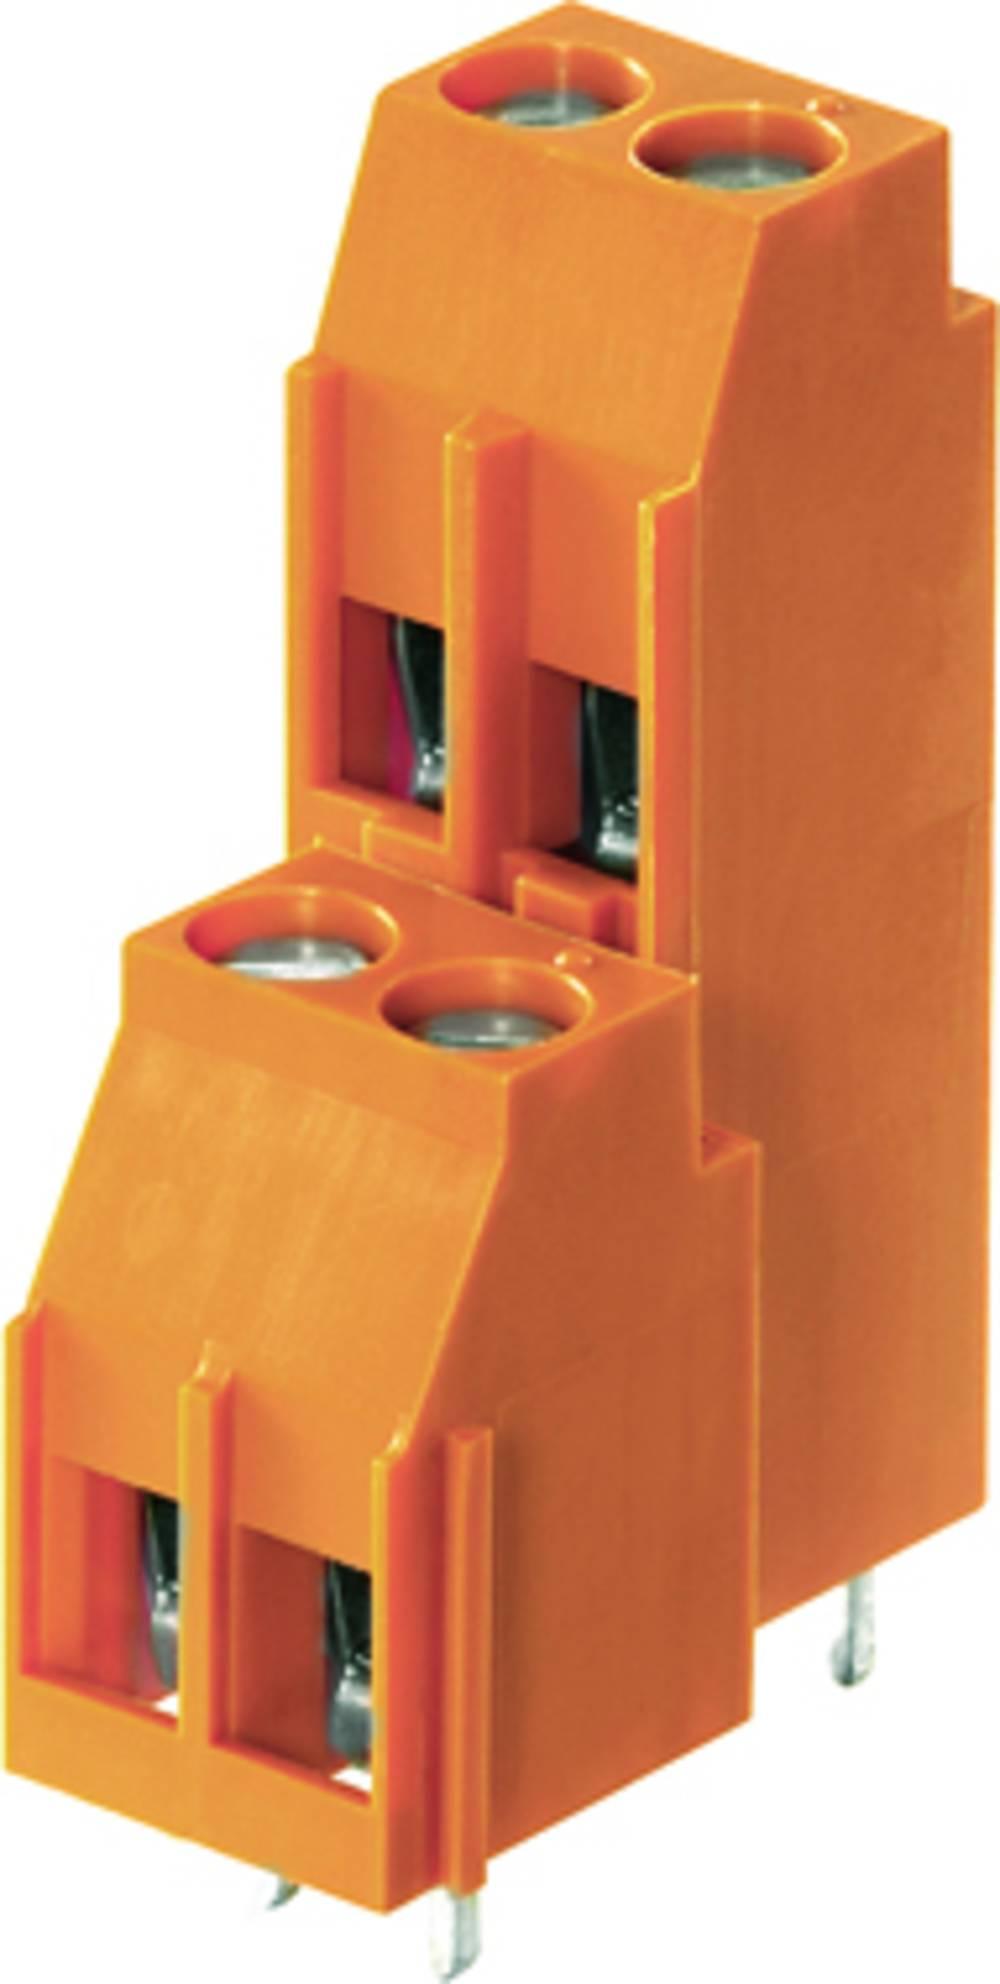 Dobbeltrækkeklemme Weidmüller LL2N 5.08/20/90 3.2SN OR BX 4.00 mm² Poltal 20 Orange 20 stk